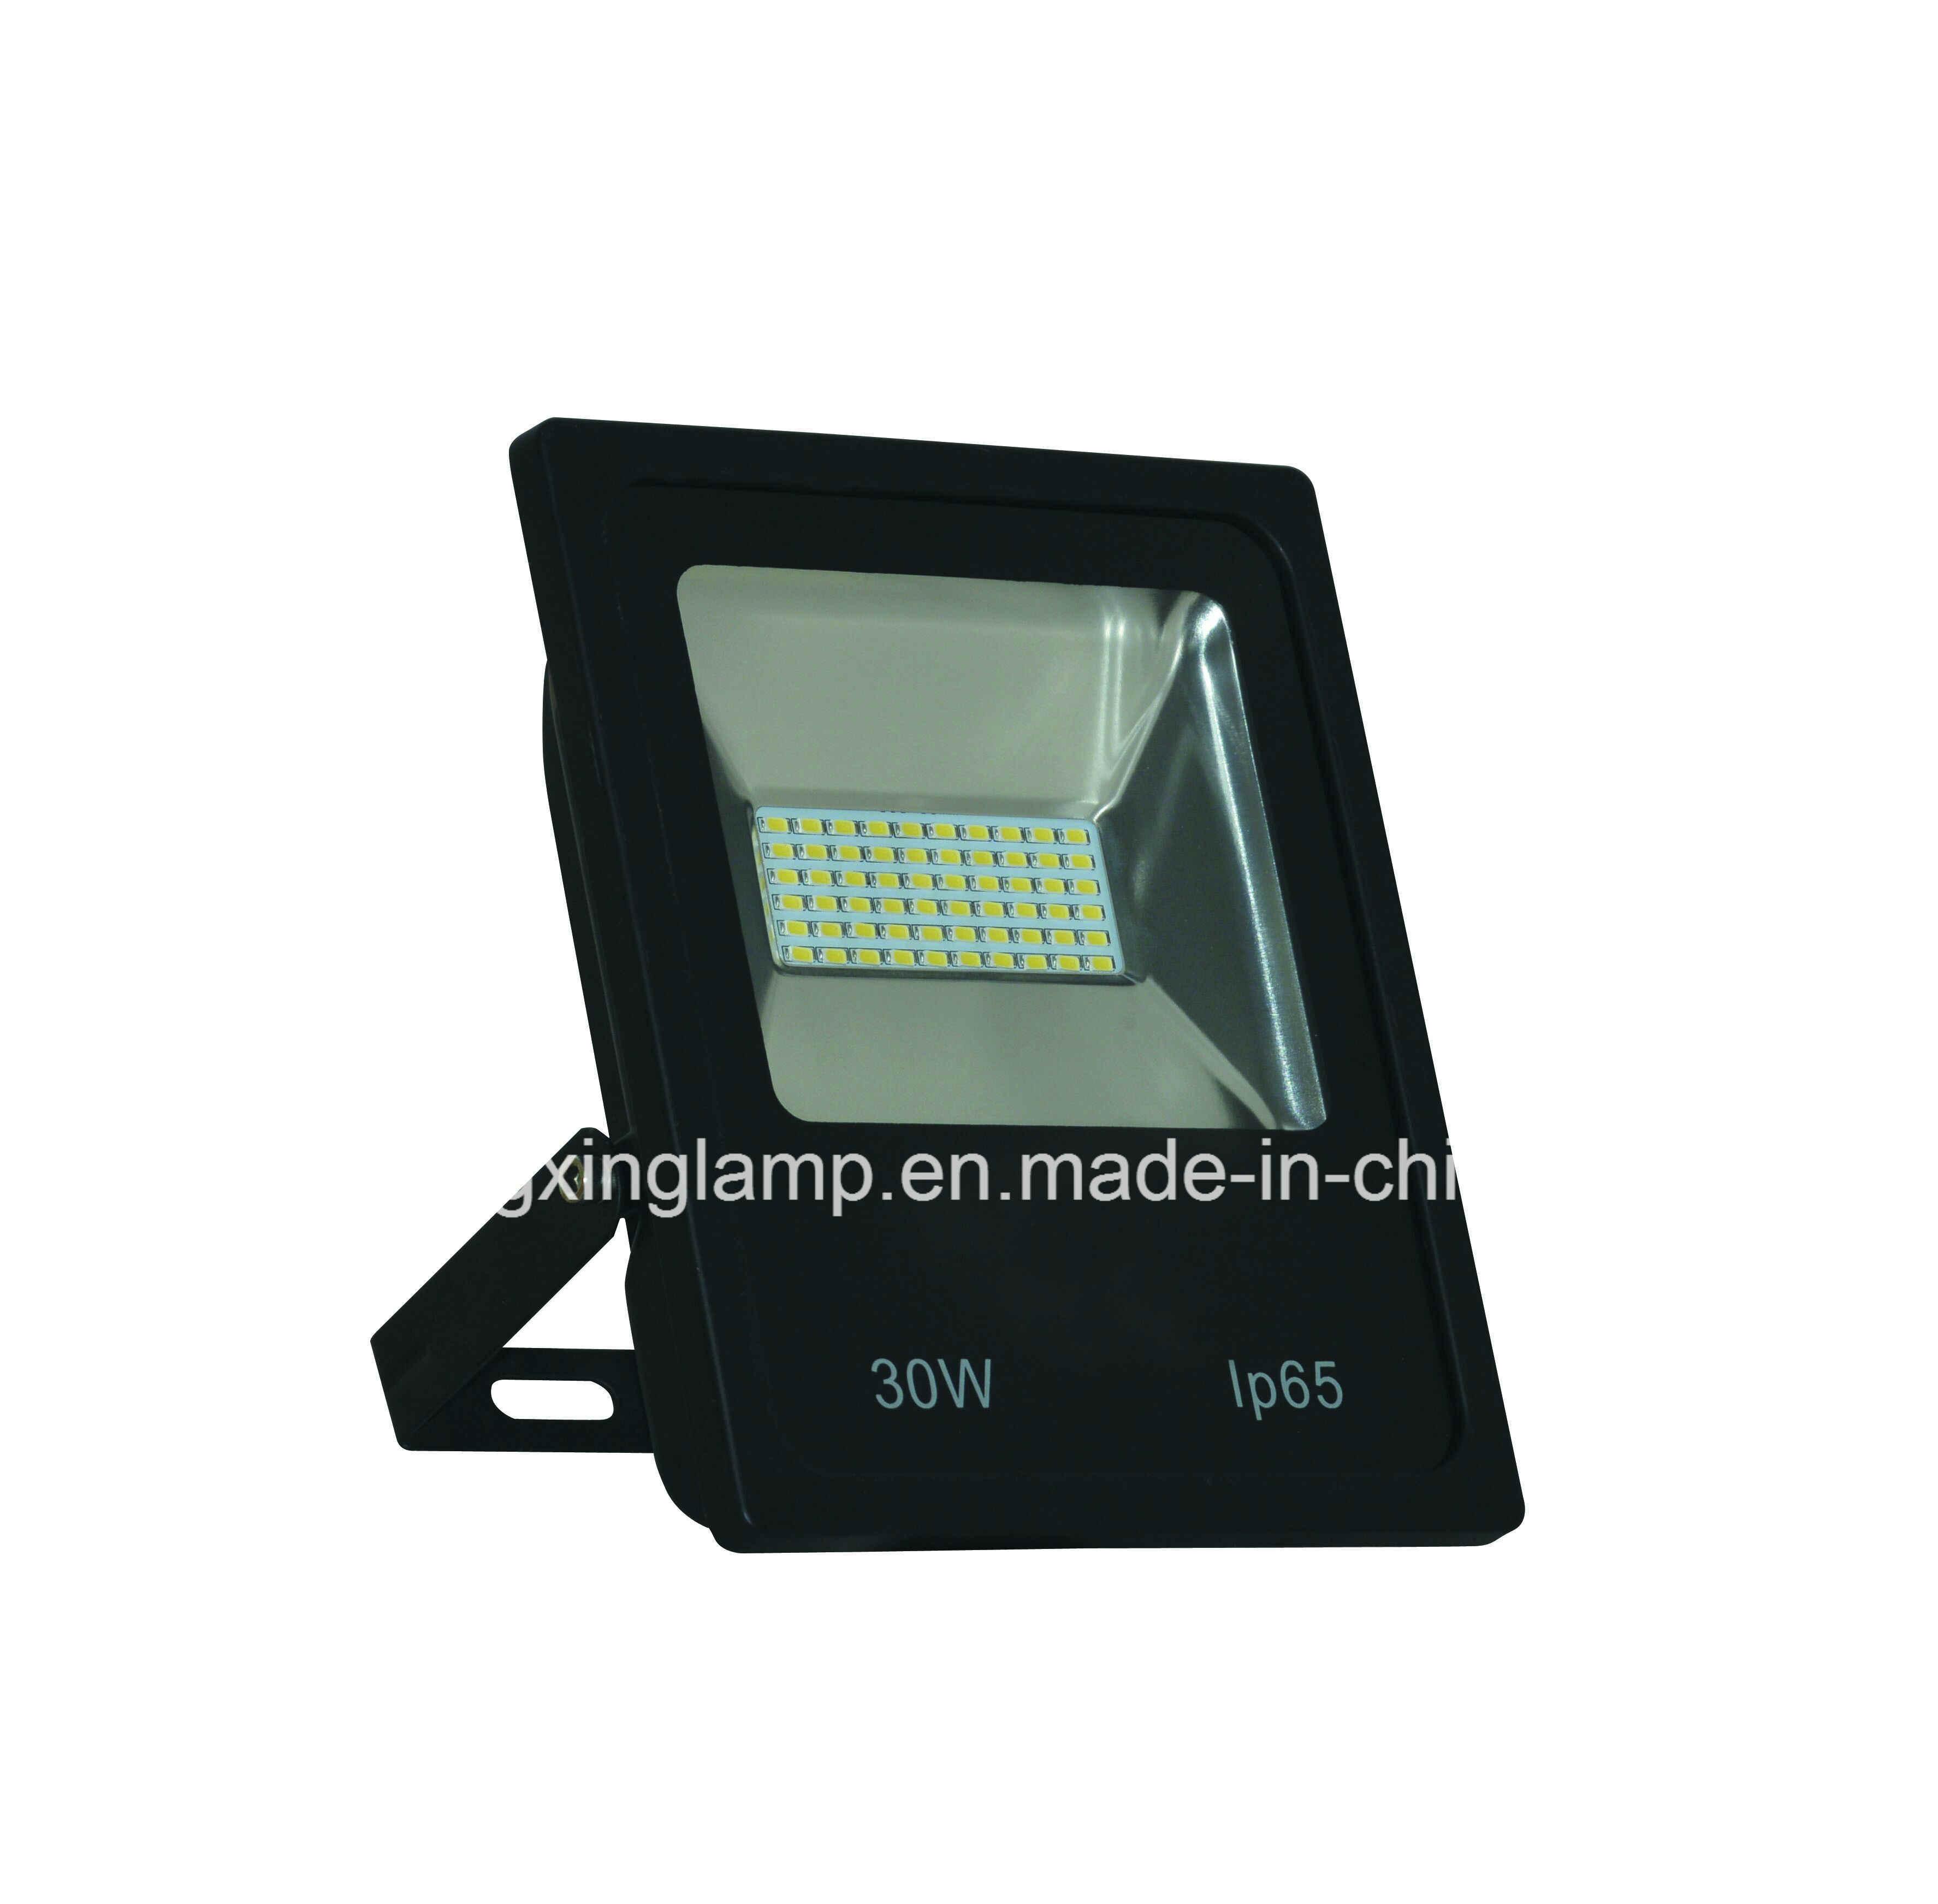 LED Flood Light SMD 30W Ce RoHS